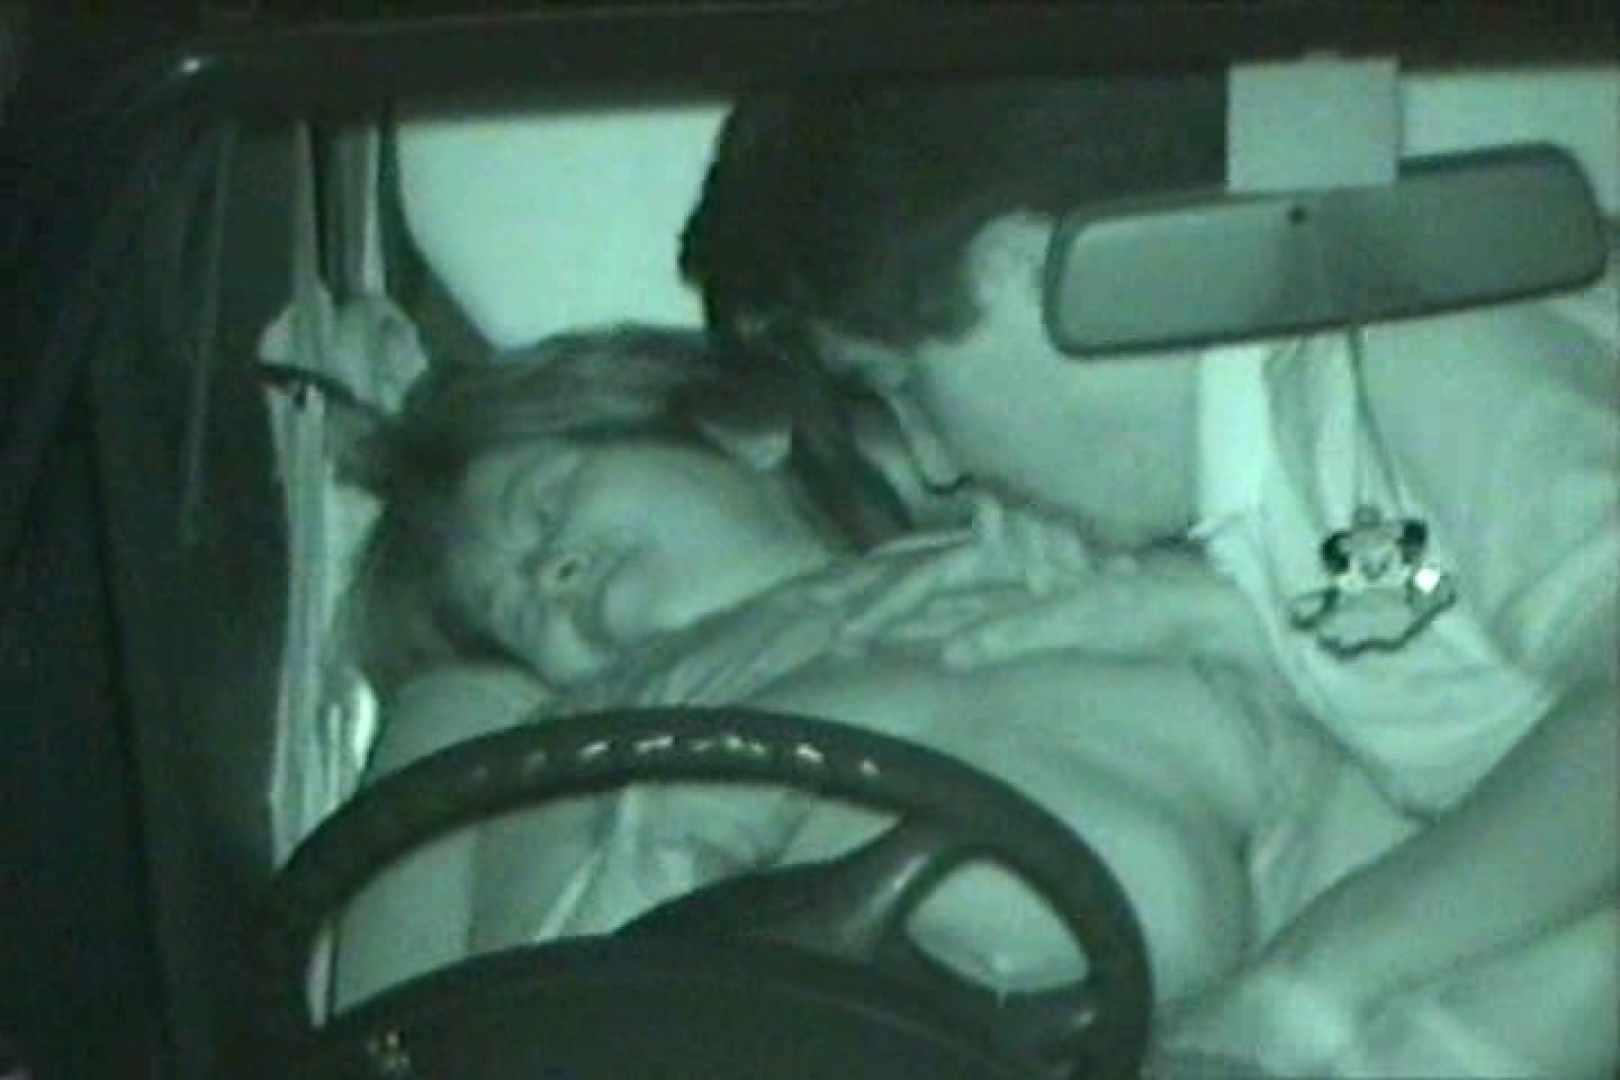 車の中はラブホテル 無修正版  Vol.25 OLヌード天国 ぱこり動画紹介 103PIX 74